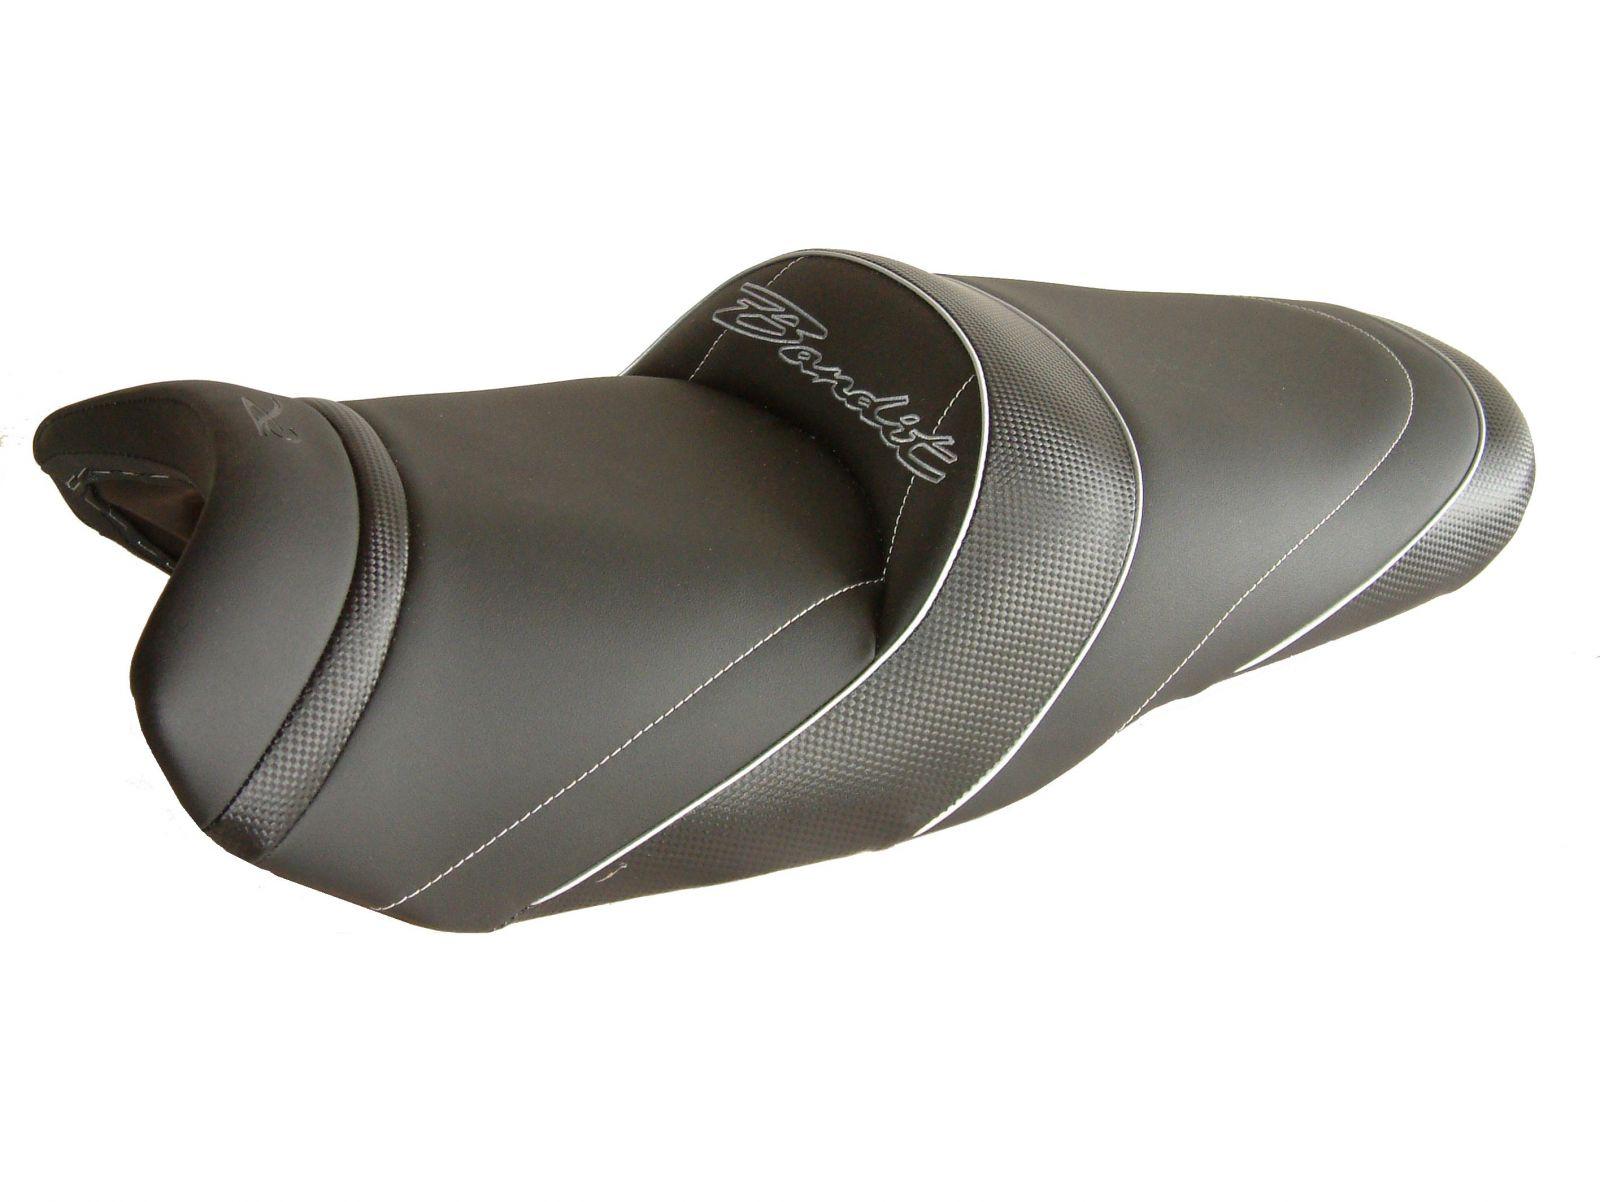 Deluxe zadel SGC1287 - SUZUKI BANDIT 600 [2000-2004]